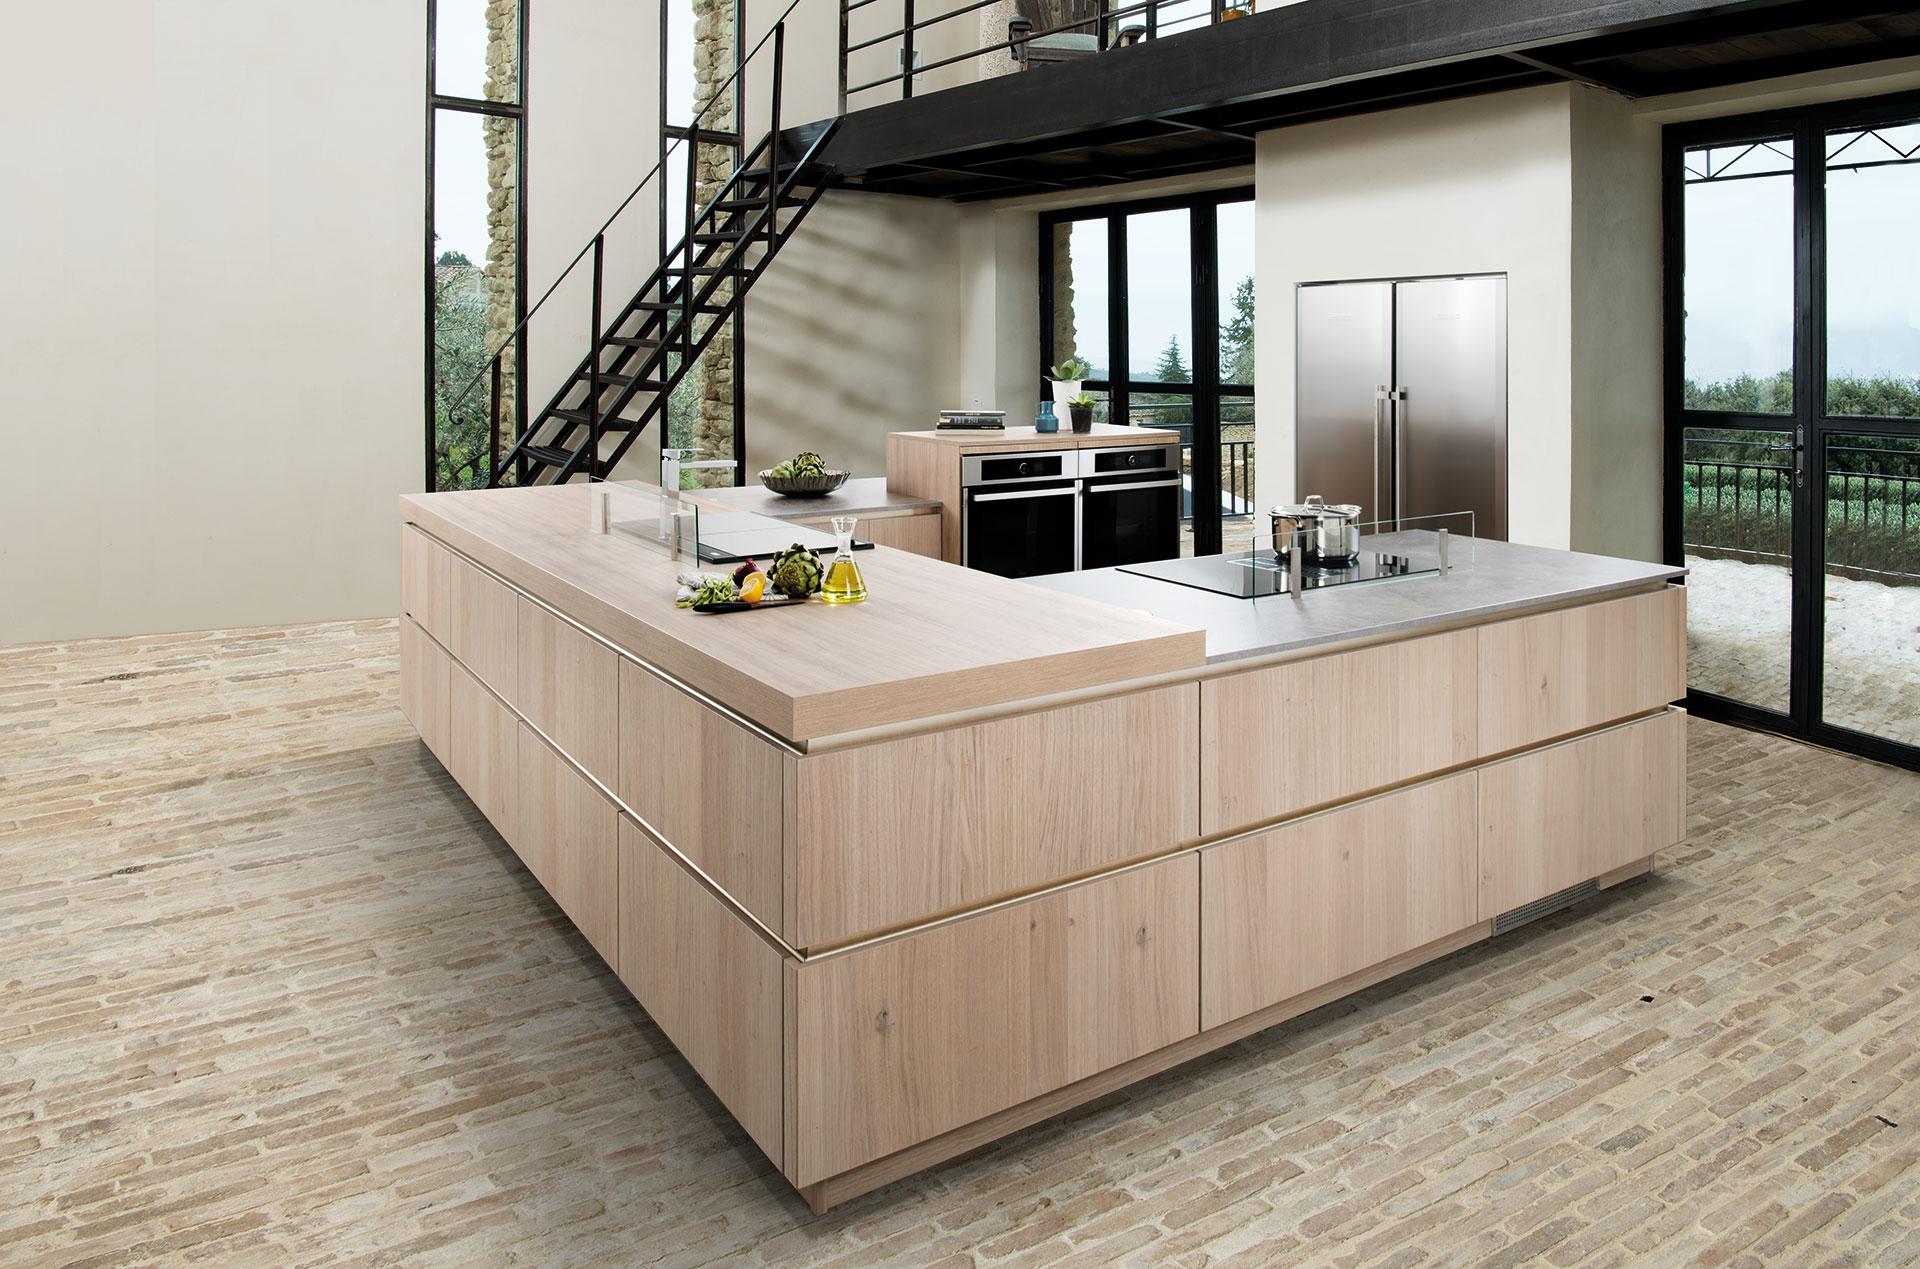 Vue d'ensemble en biais de la cuisine Major Eolis avec le plan de travail en bois clair, réfrigérateur 2 portes, plaque de cuisson, four...